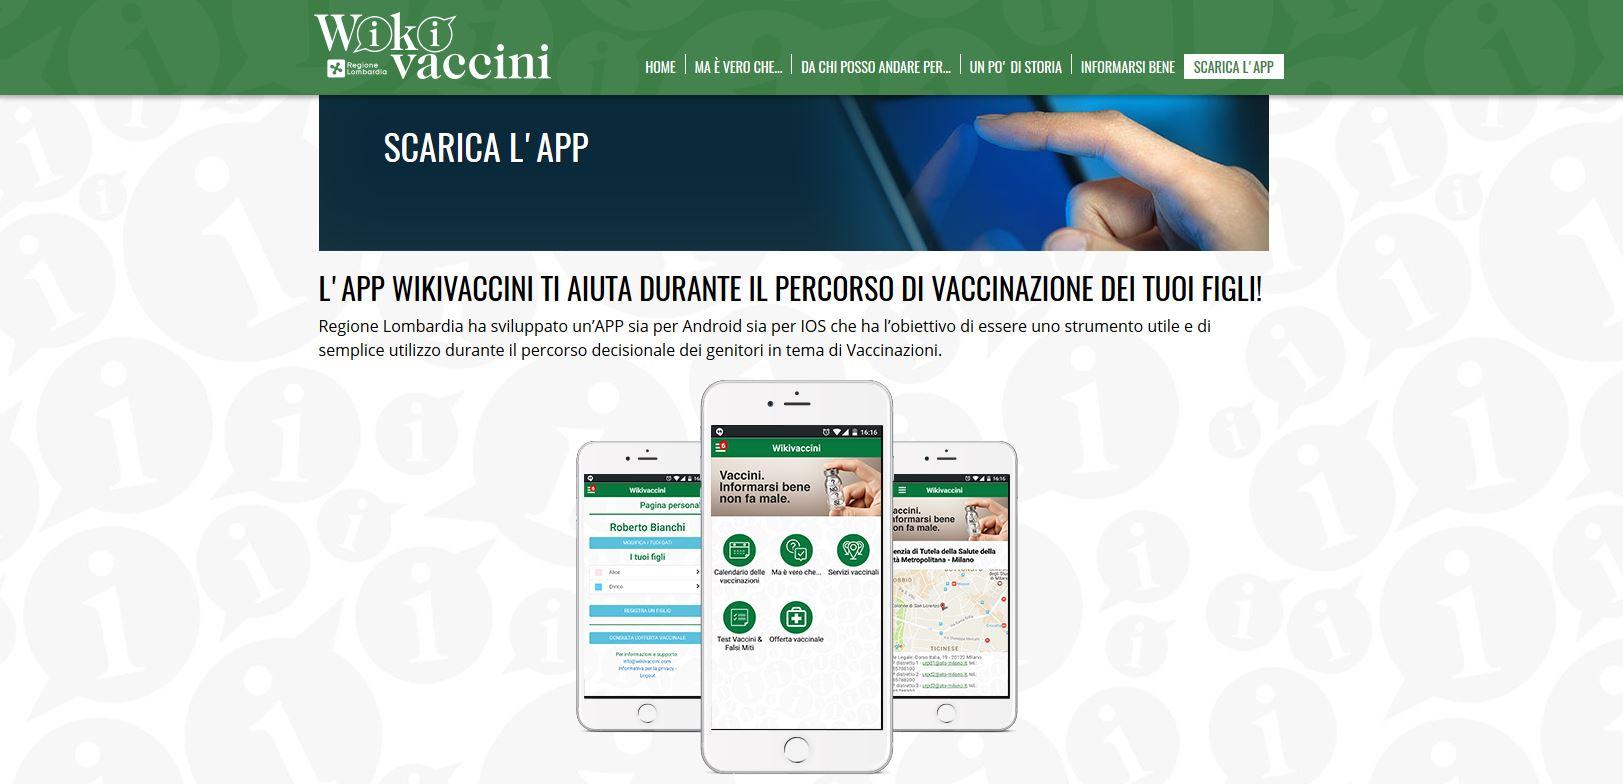 Calendario Vaccinazioni Lombardia.Regione Lombardia Lancia Wikivaccini La App Che Guida Le